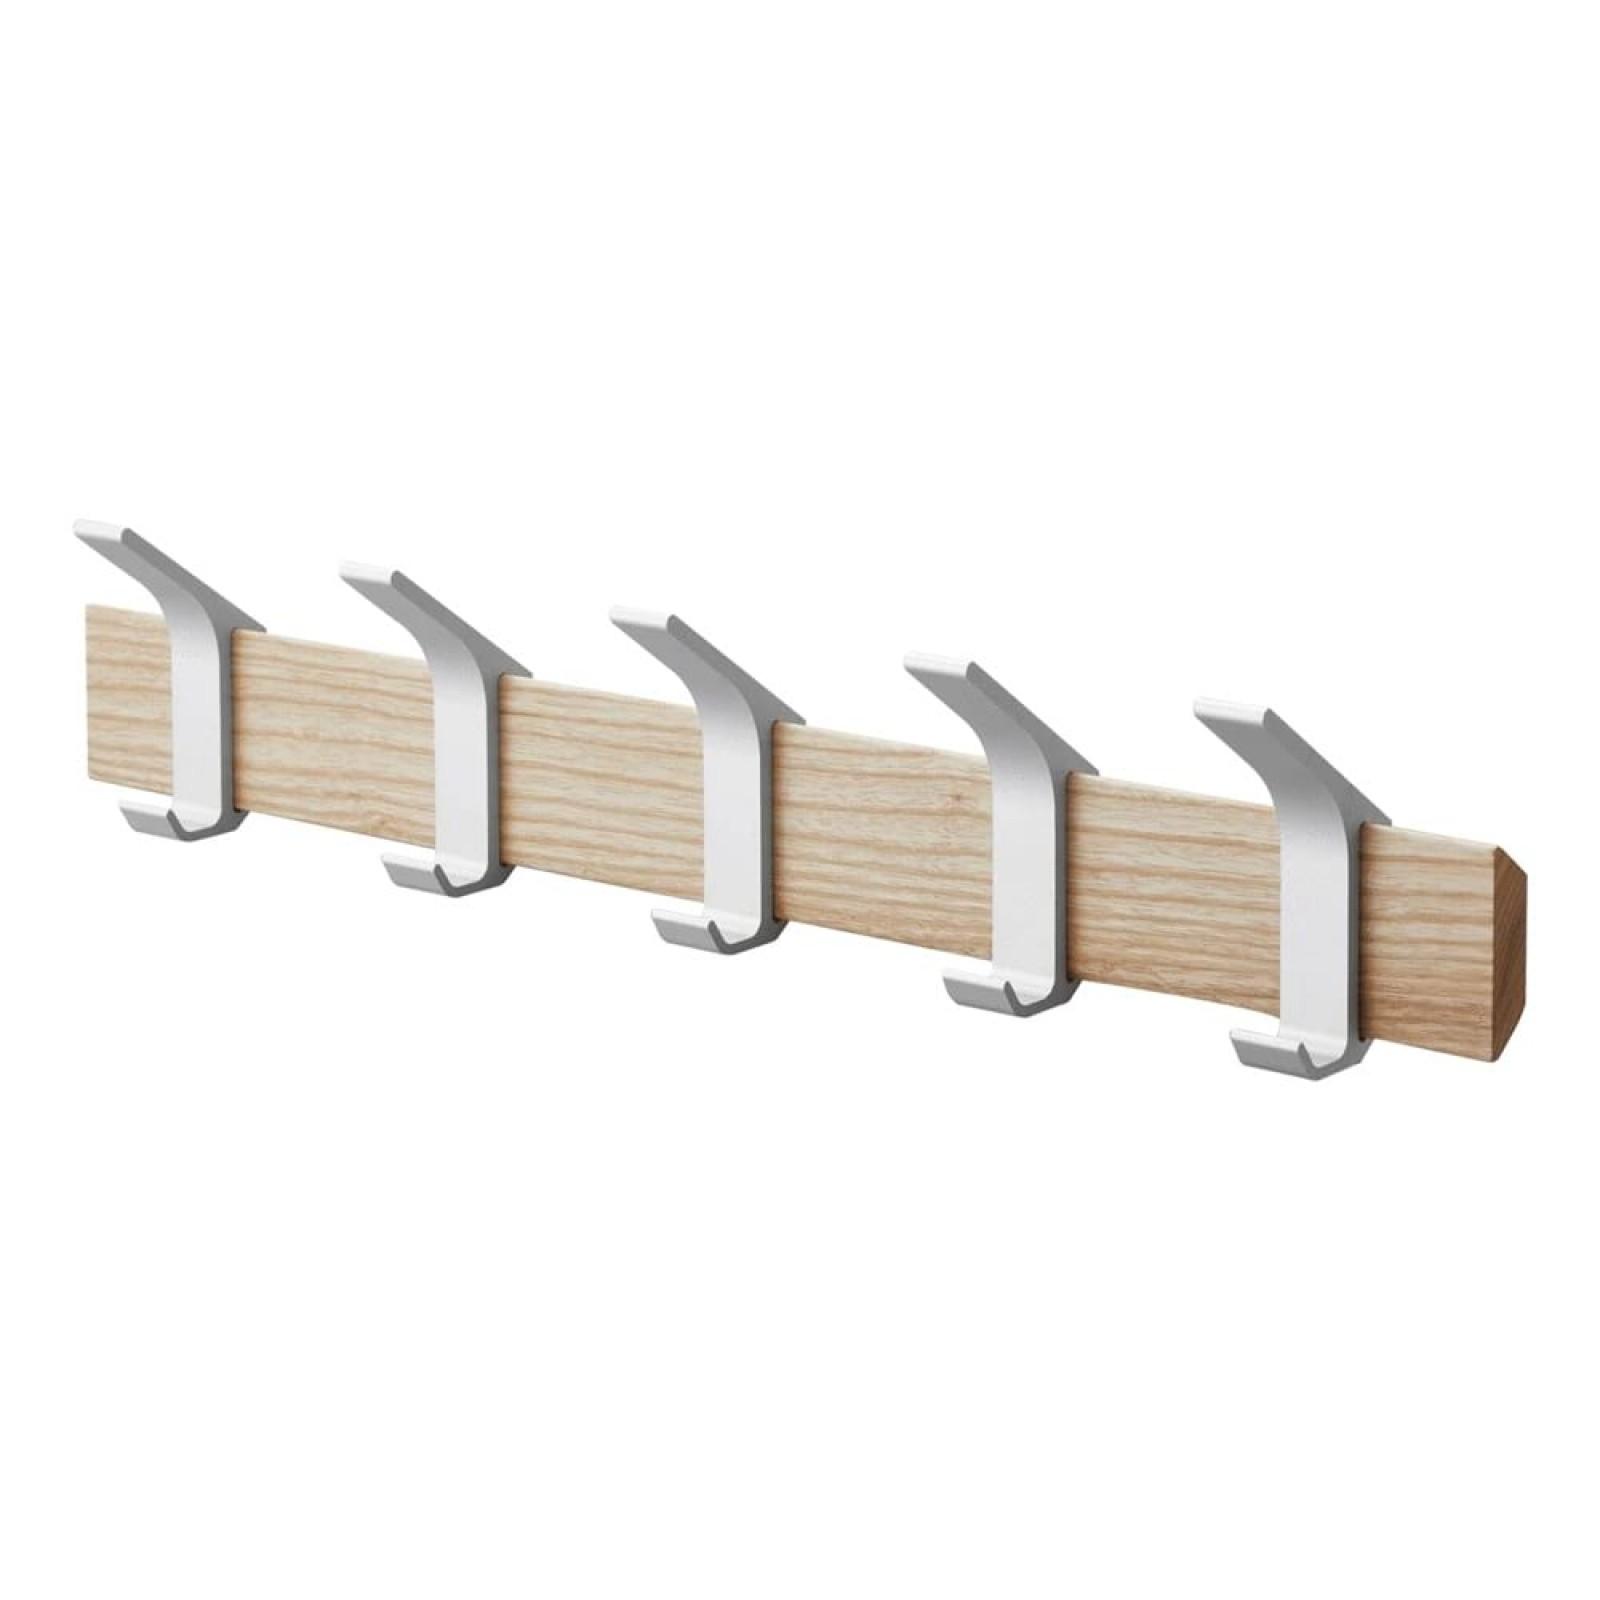 Rin Wall Coat Rack (Ash / Aluminum) - Yamazaki